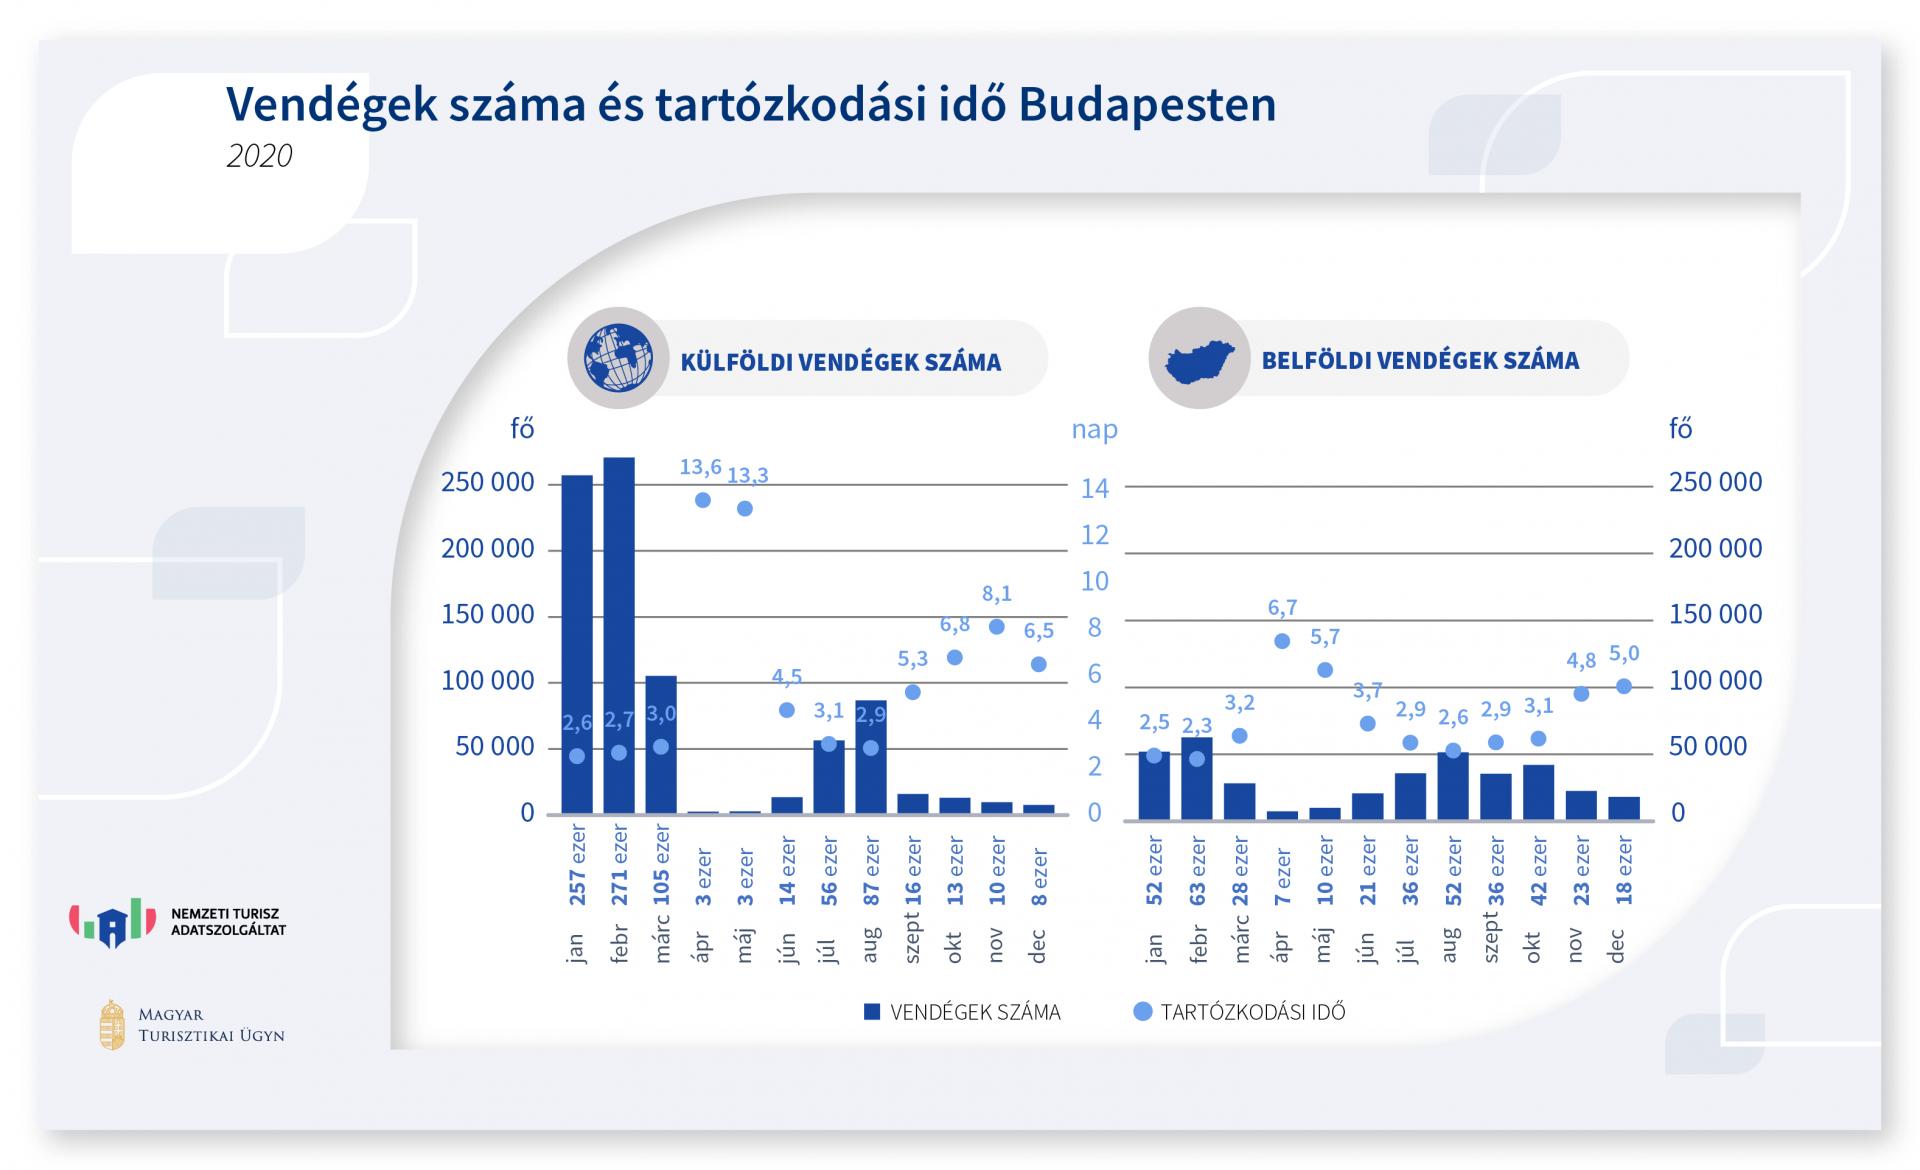 Vendégek száma és tartózkodási ideje Budapesten